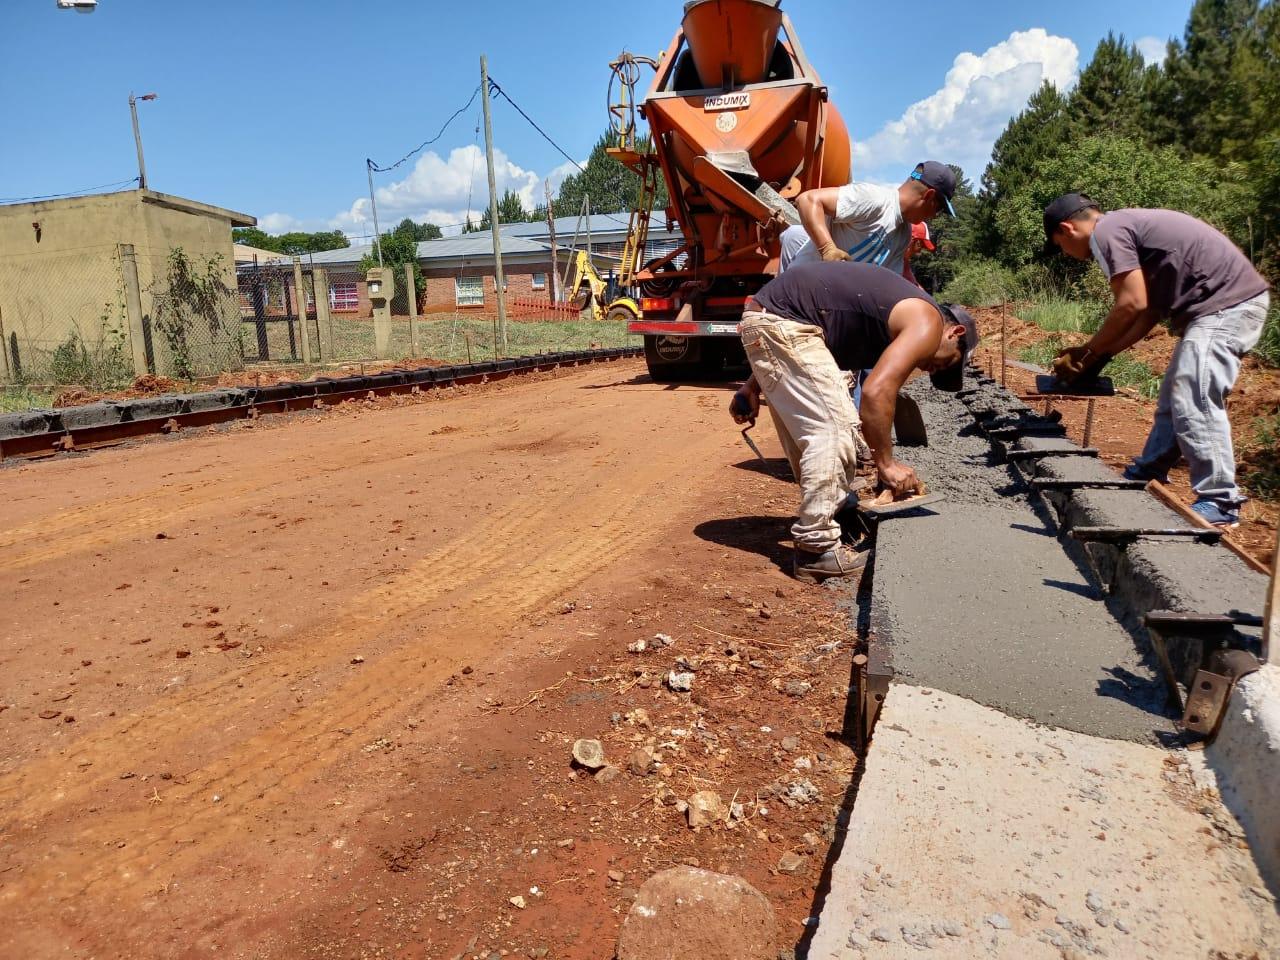 San Ignacio: Vialidad y el municipio construyen cordón cuneta y empedrado